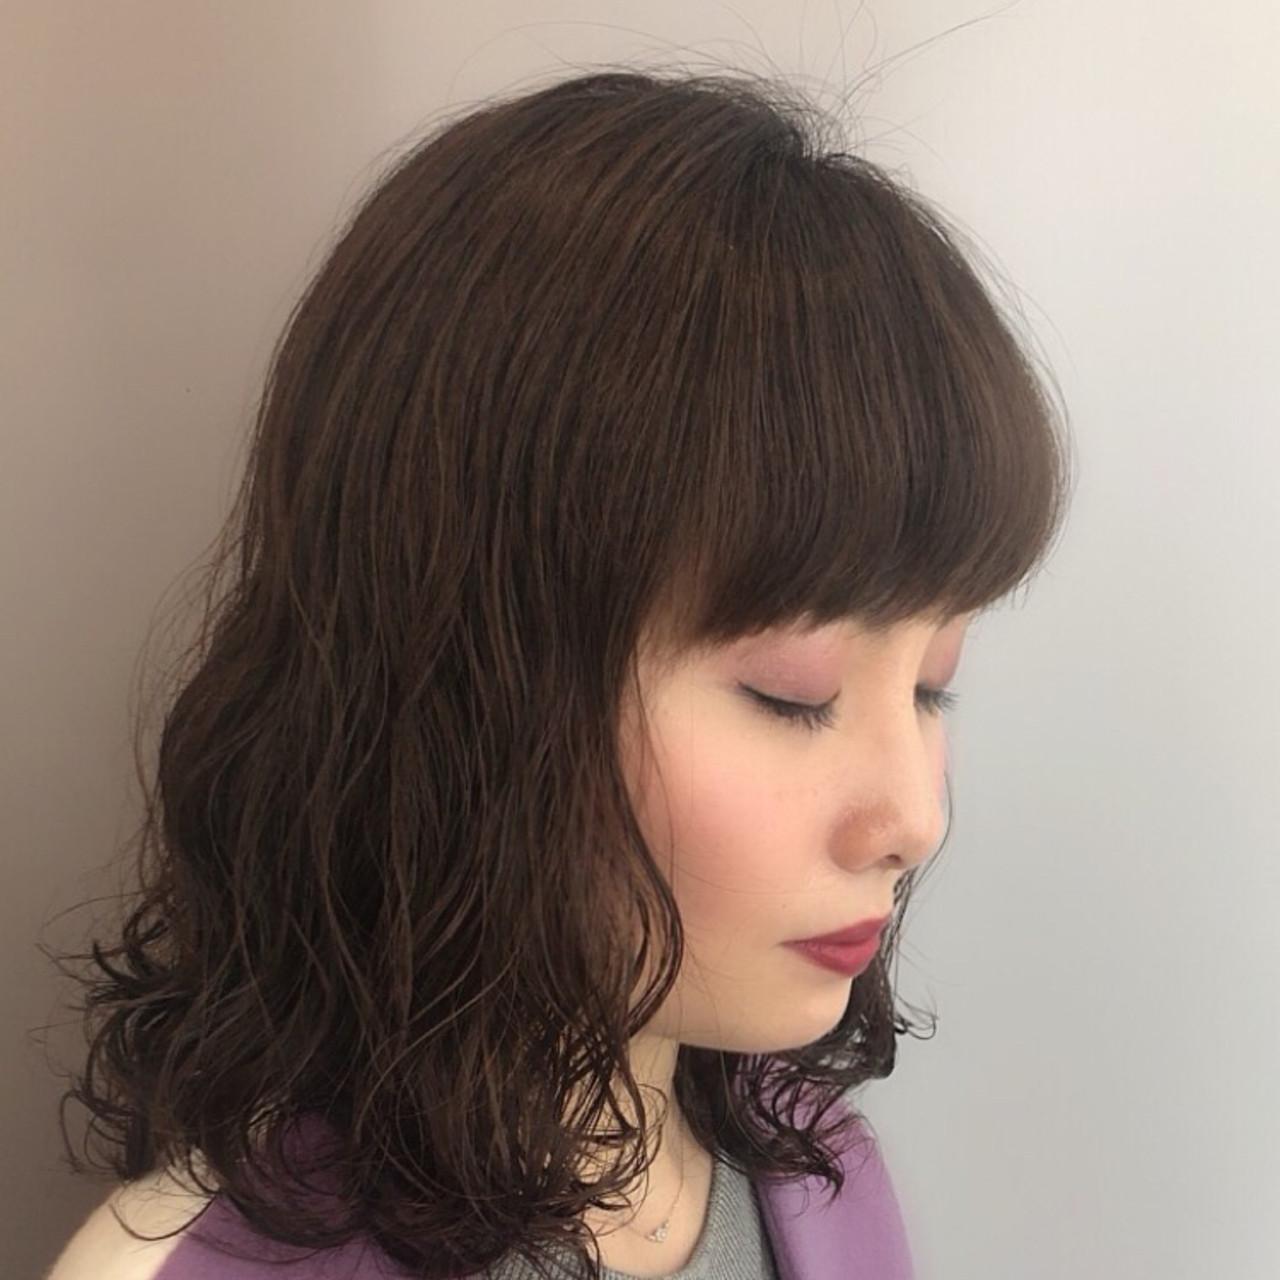 大人女子 フェミニン かわいい ナチュラル ヘアスタイルや髪型の写真・画像